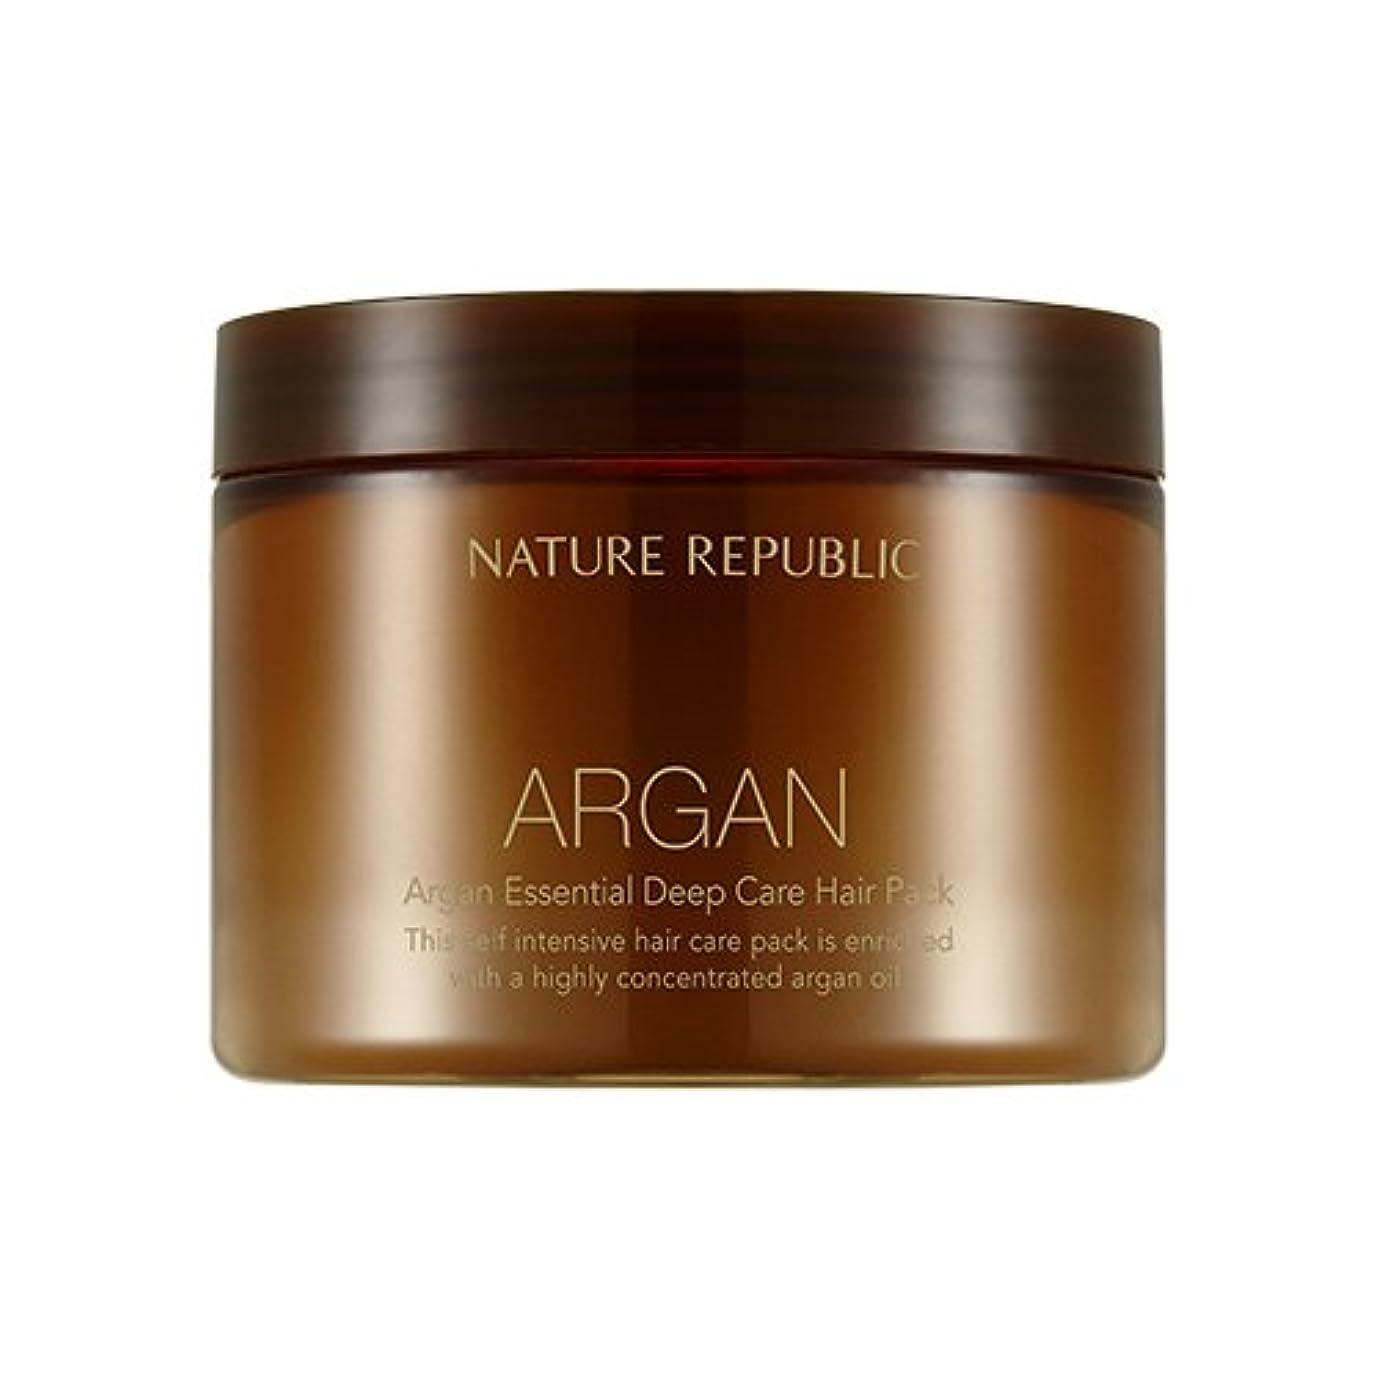 ゲート作動する熱狂的なNATURE REPUBLIC Argan Essential Deep Care Hair Pack 470ml ネイチャーリパブリック アルガンエッセンシャルディープケアヘアパック 470ml [並行輸入品]